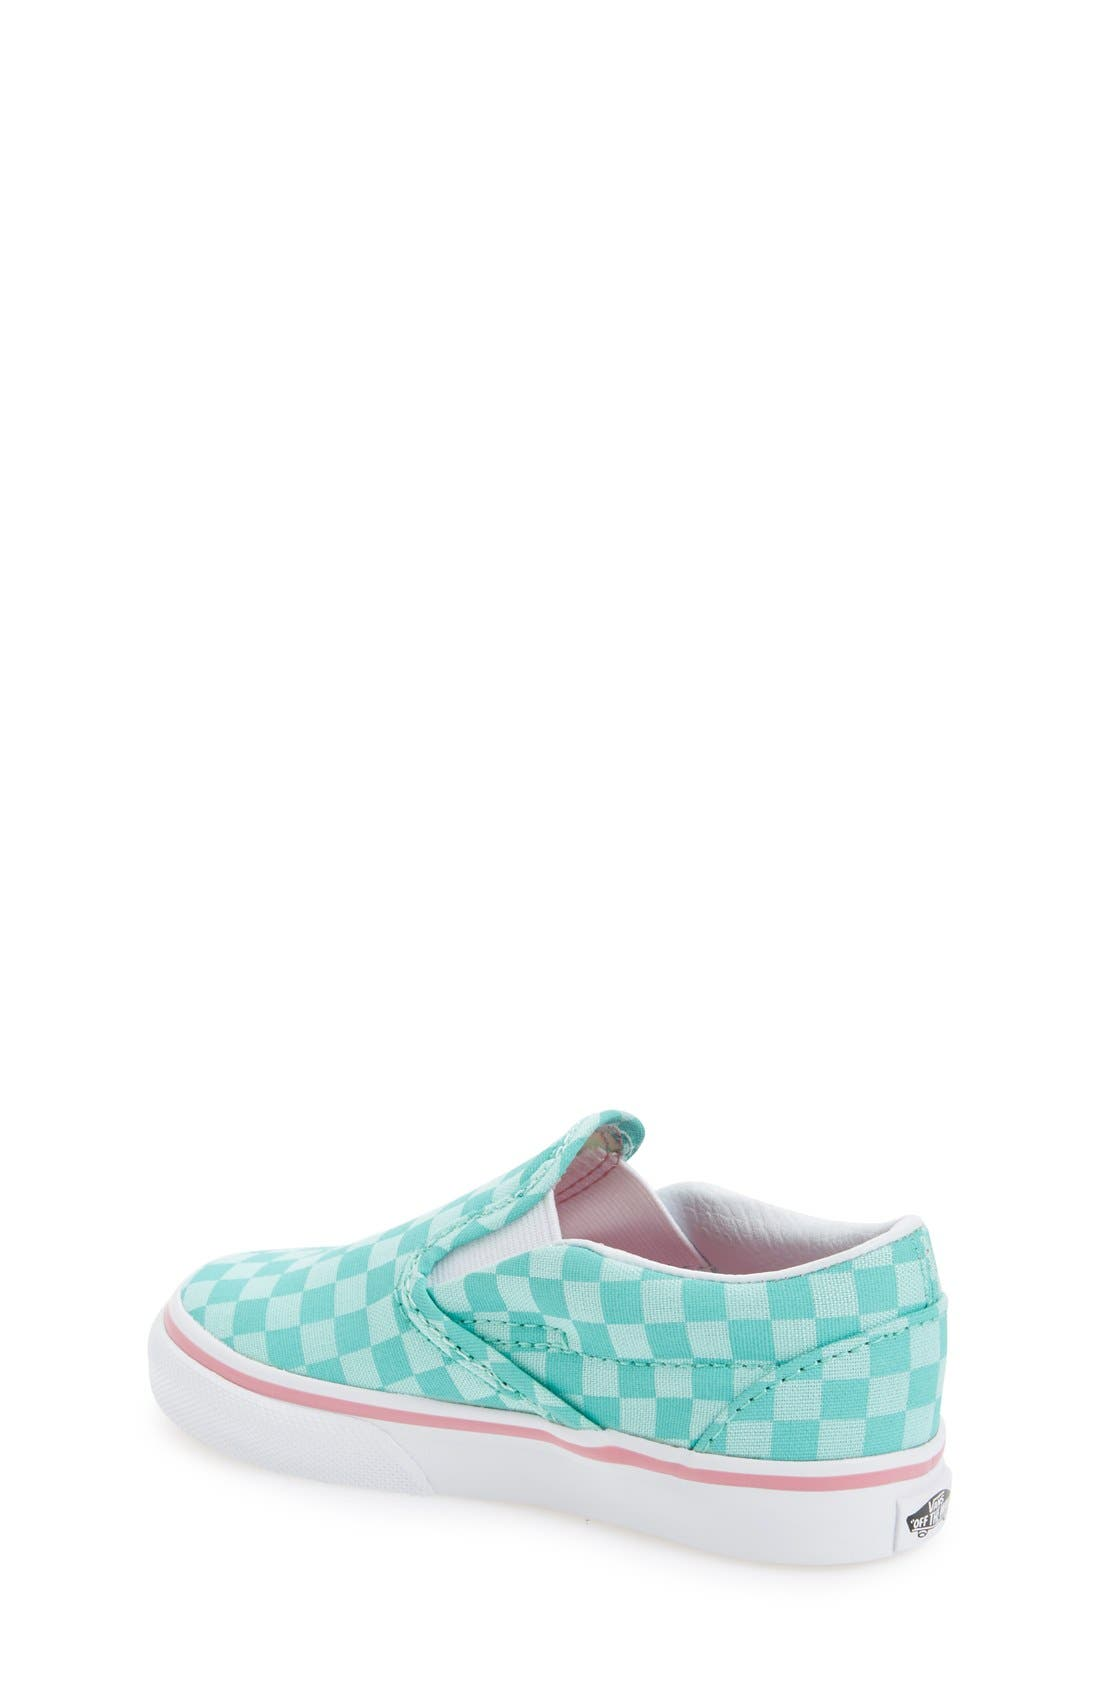 VANS,                             Classic Slip-On Sneaker,                             Alternate thumbnail 3, color,                             300